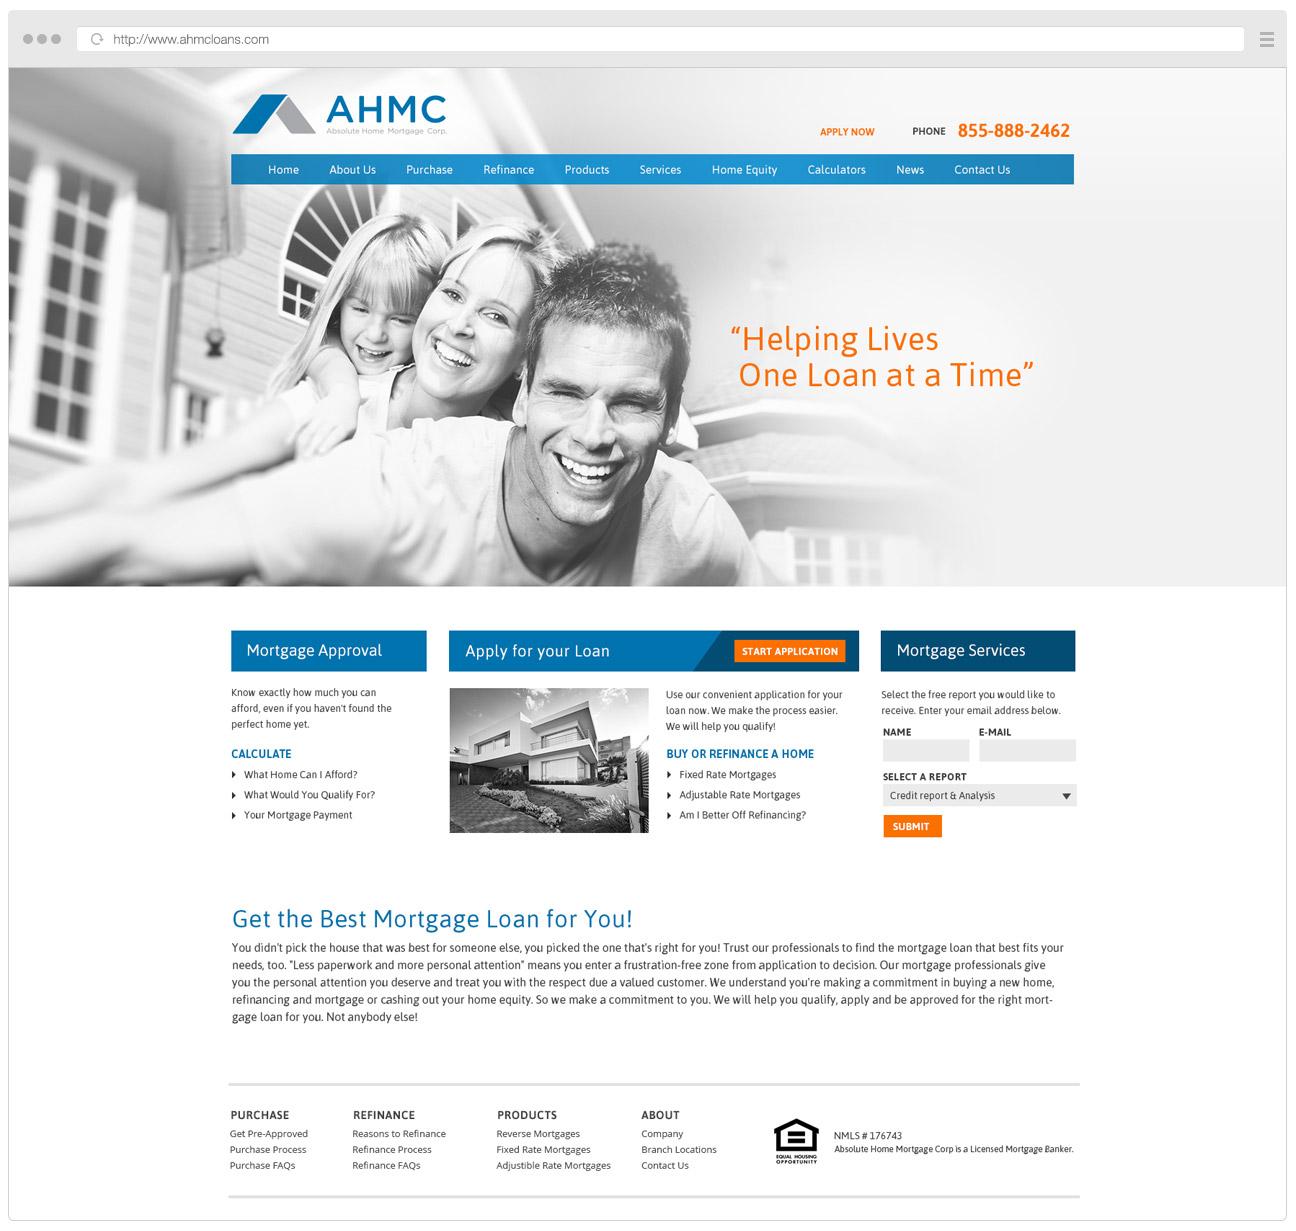 ahmc-website-1